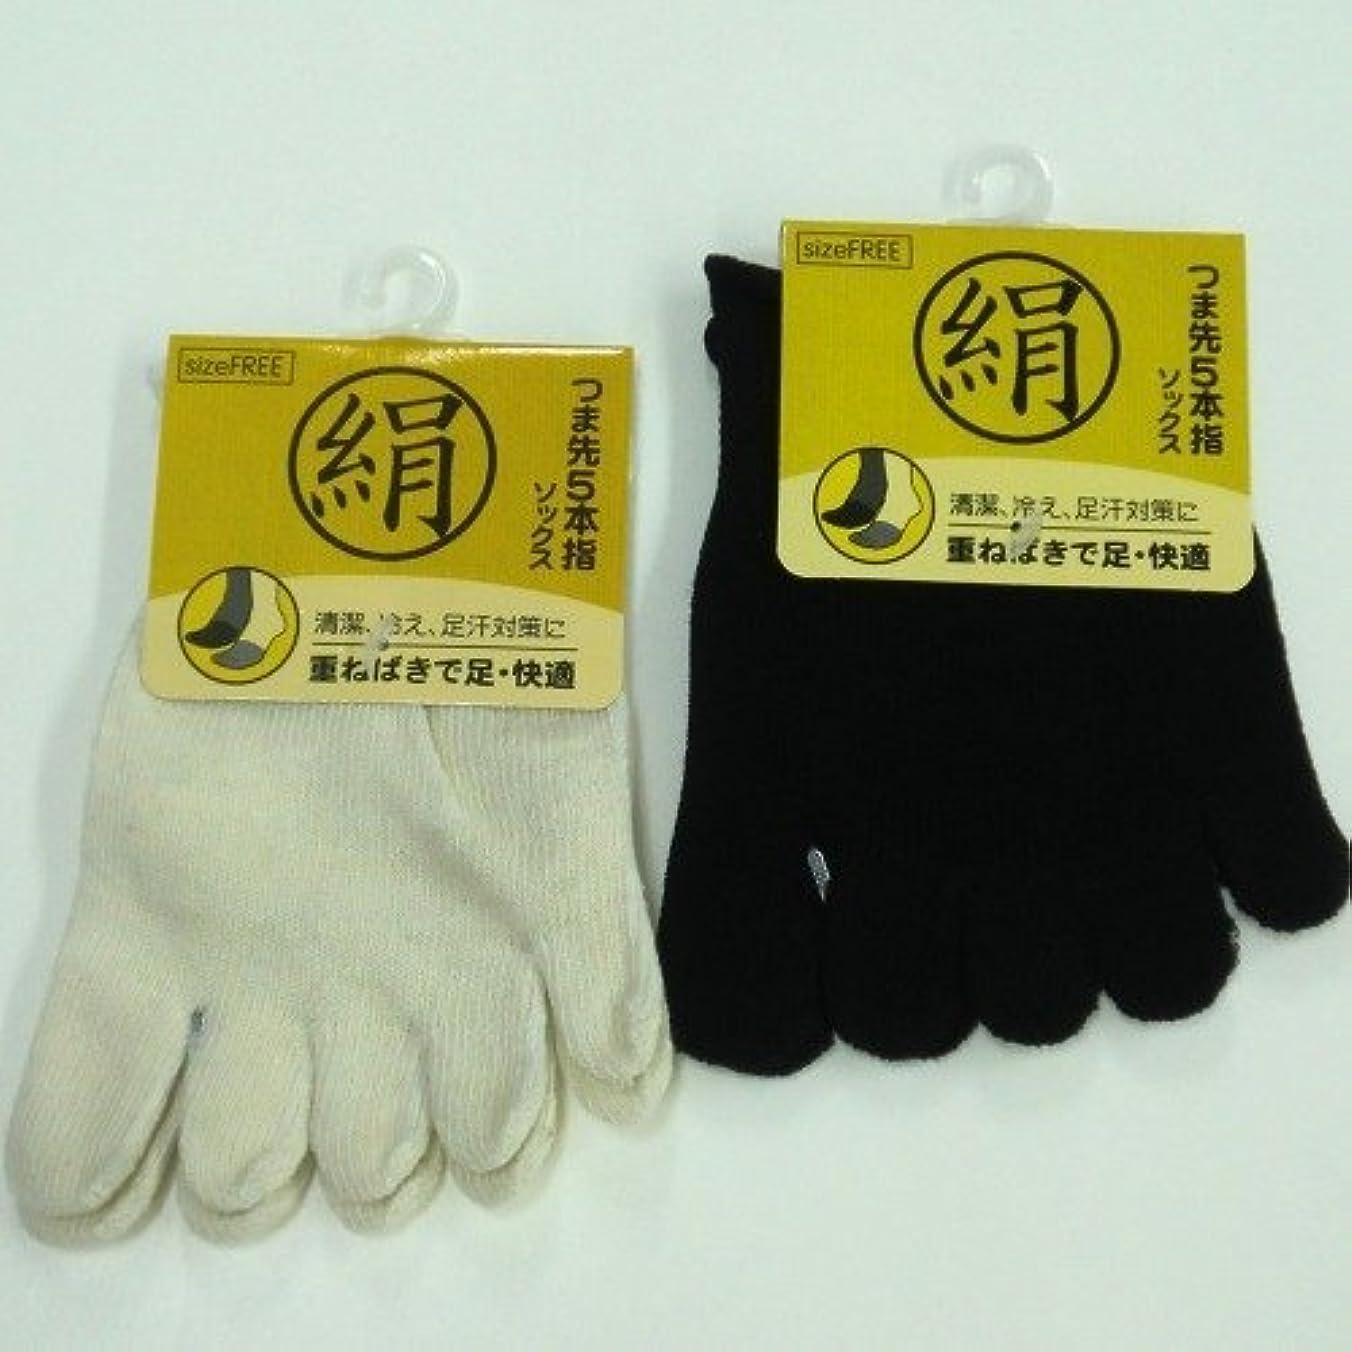 突進に沿って印象派シルク 5本指ハーフソックス 足指カバー 天然素材絹で抗菌防臭 3足組 (色はお任せ)